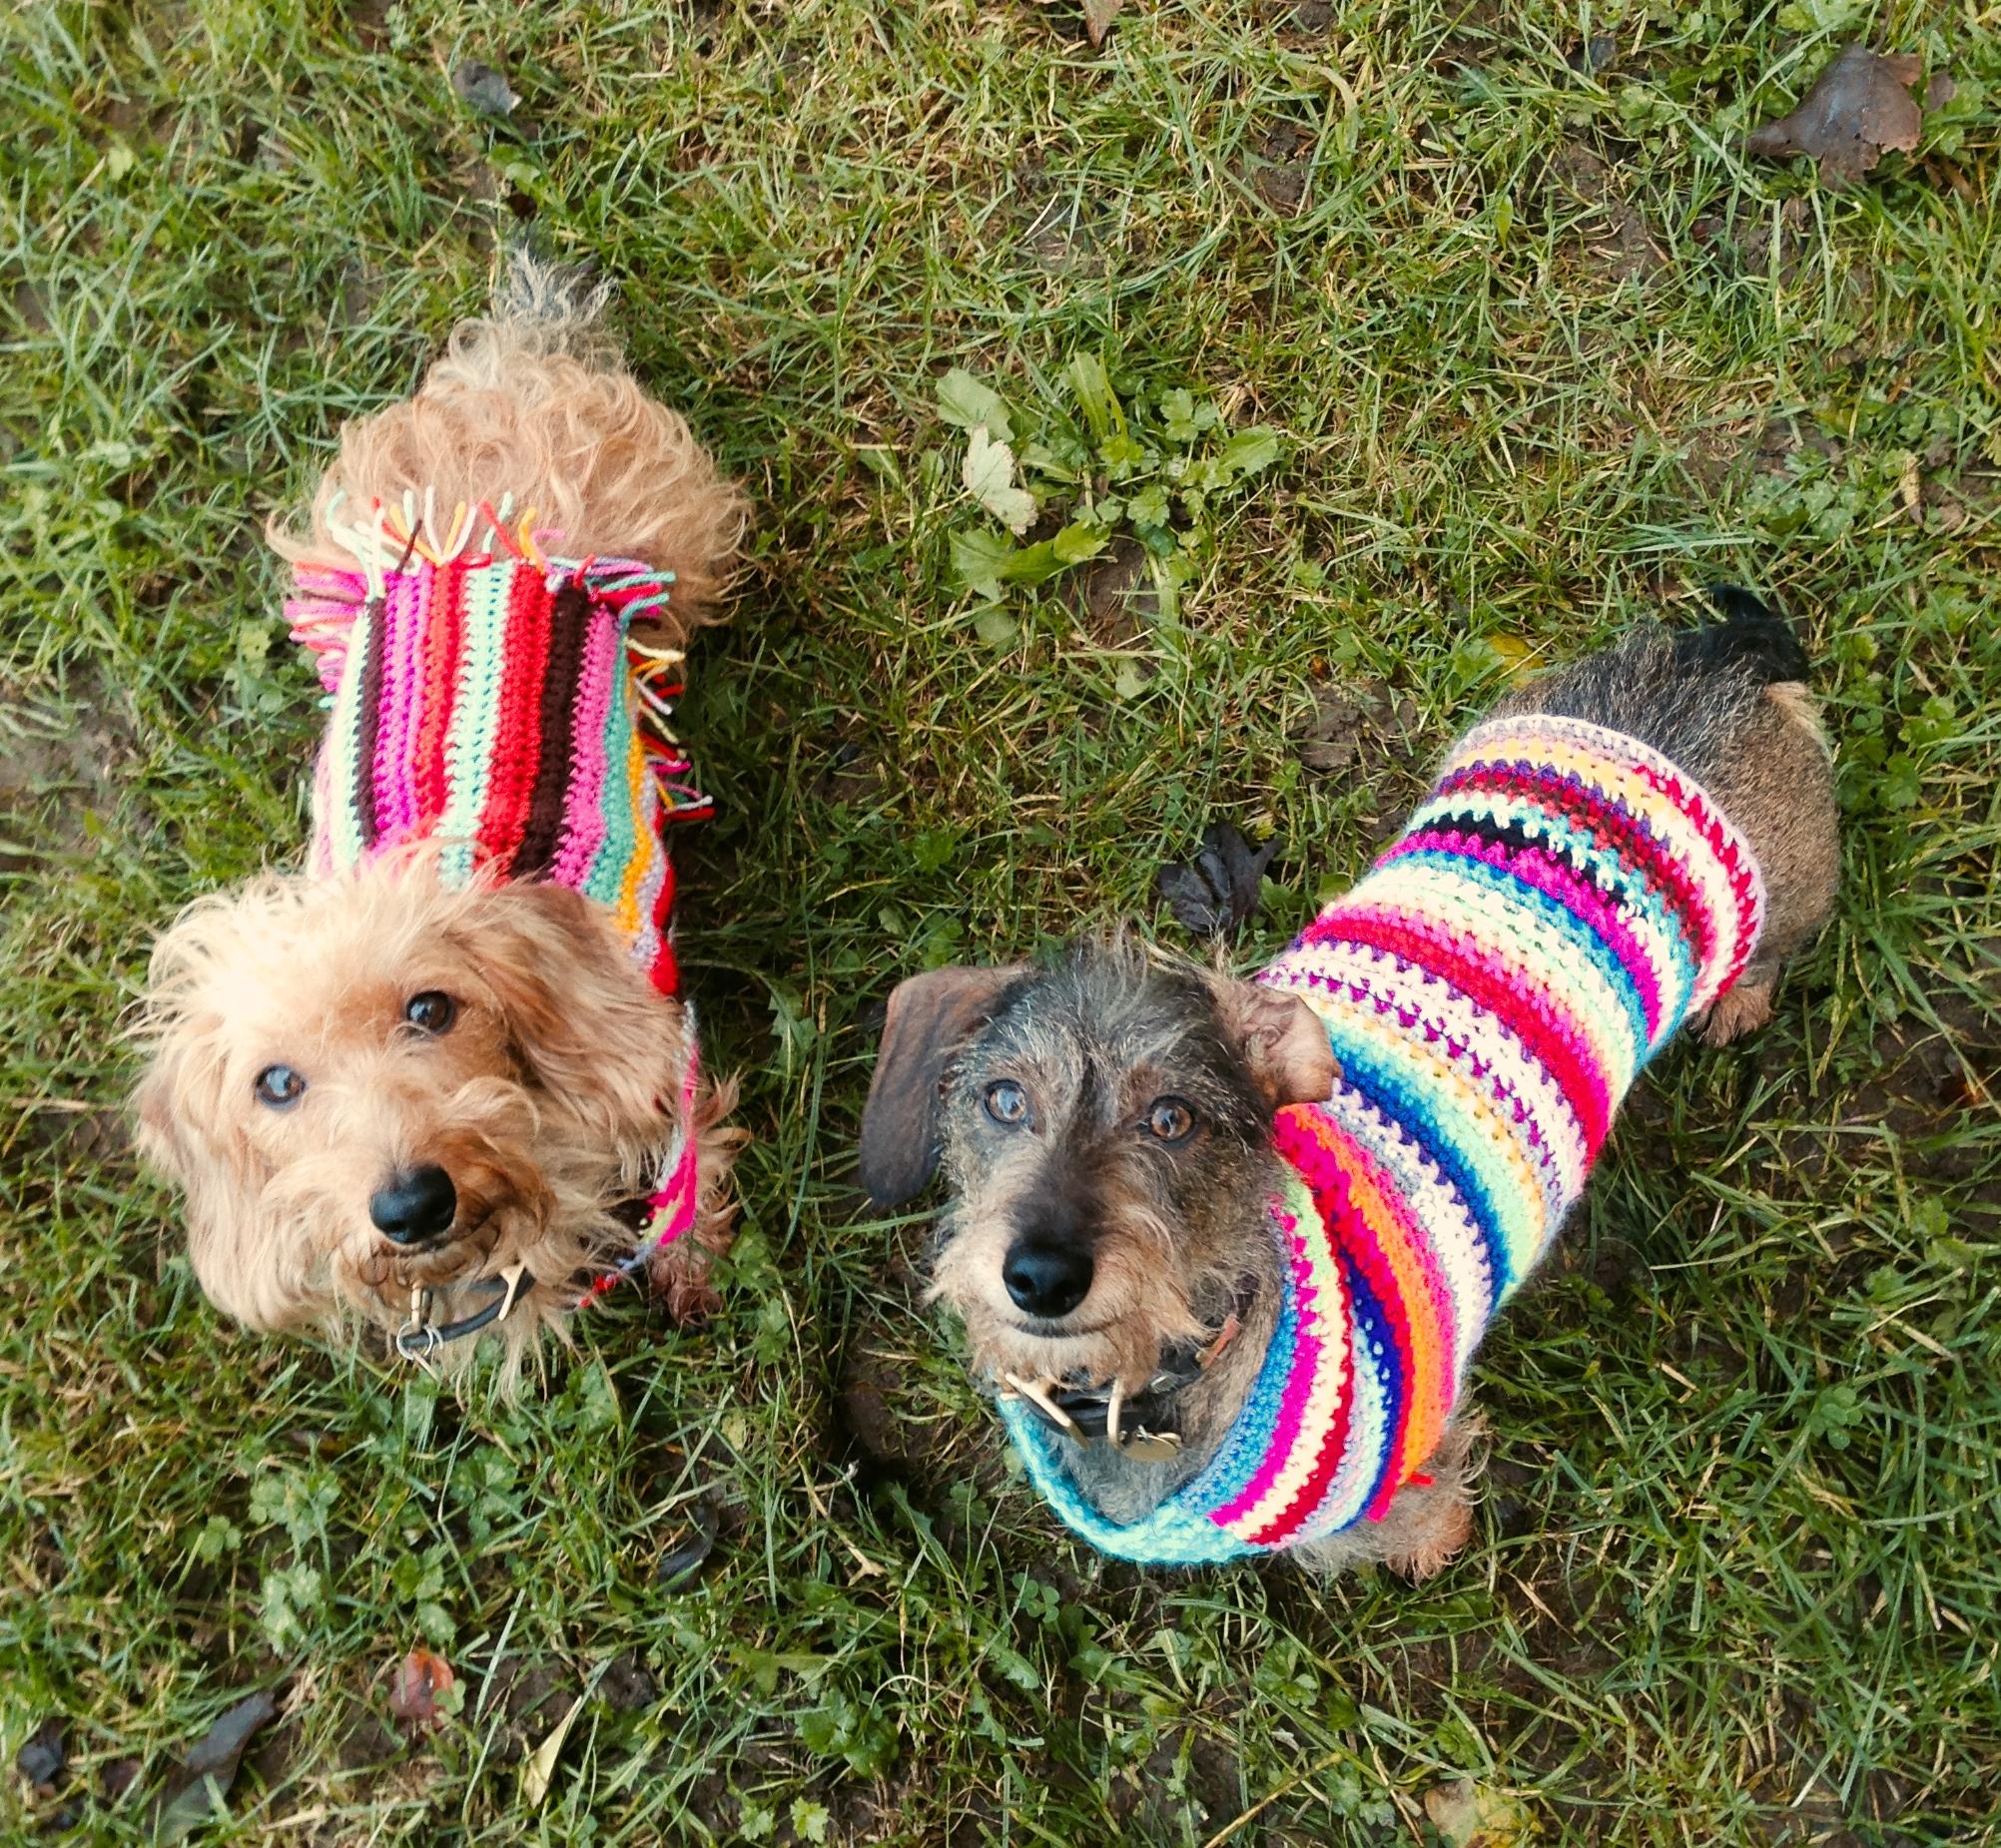 Dachshunds in crochet dog coats